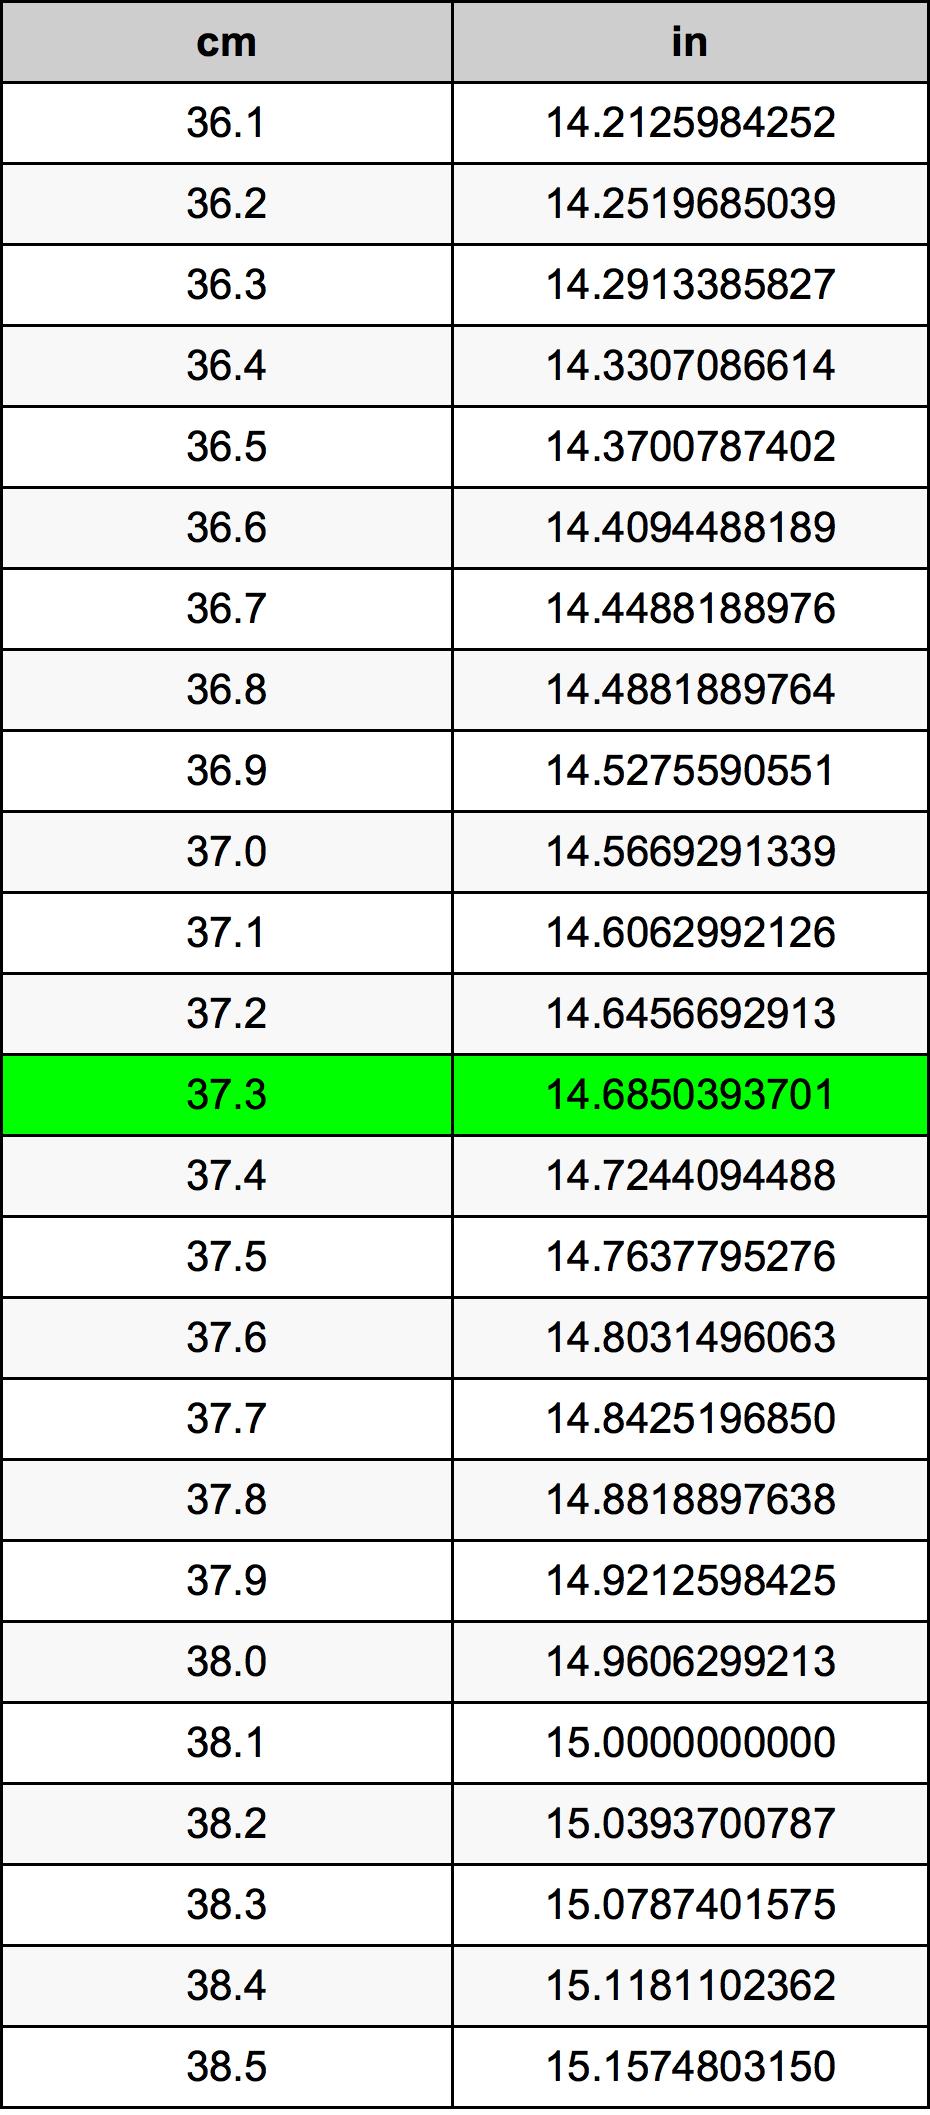 37.3センチメートル換算表